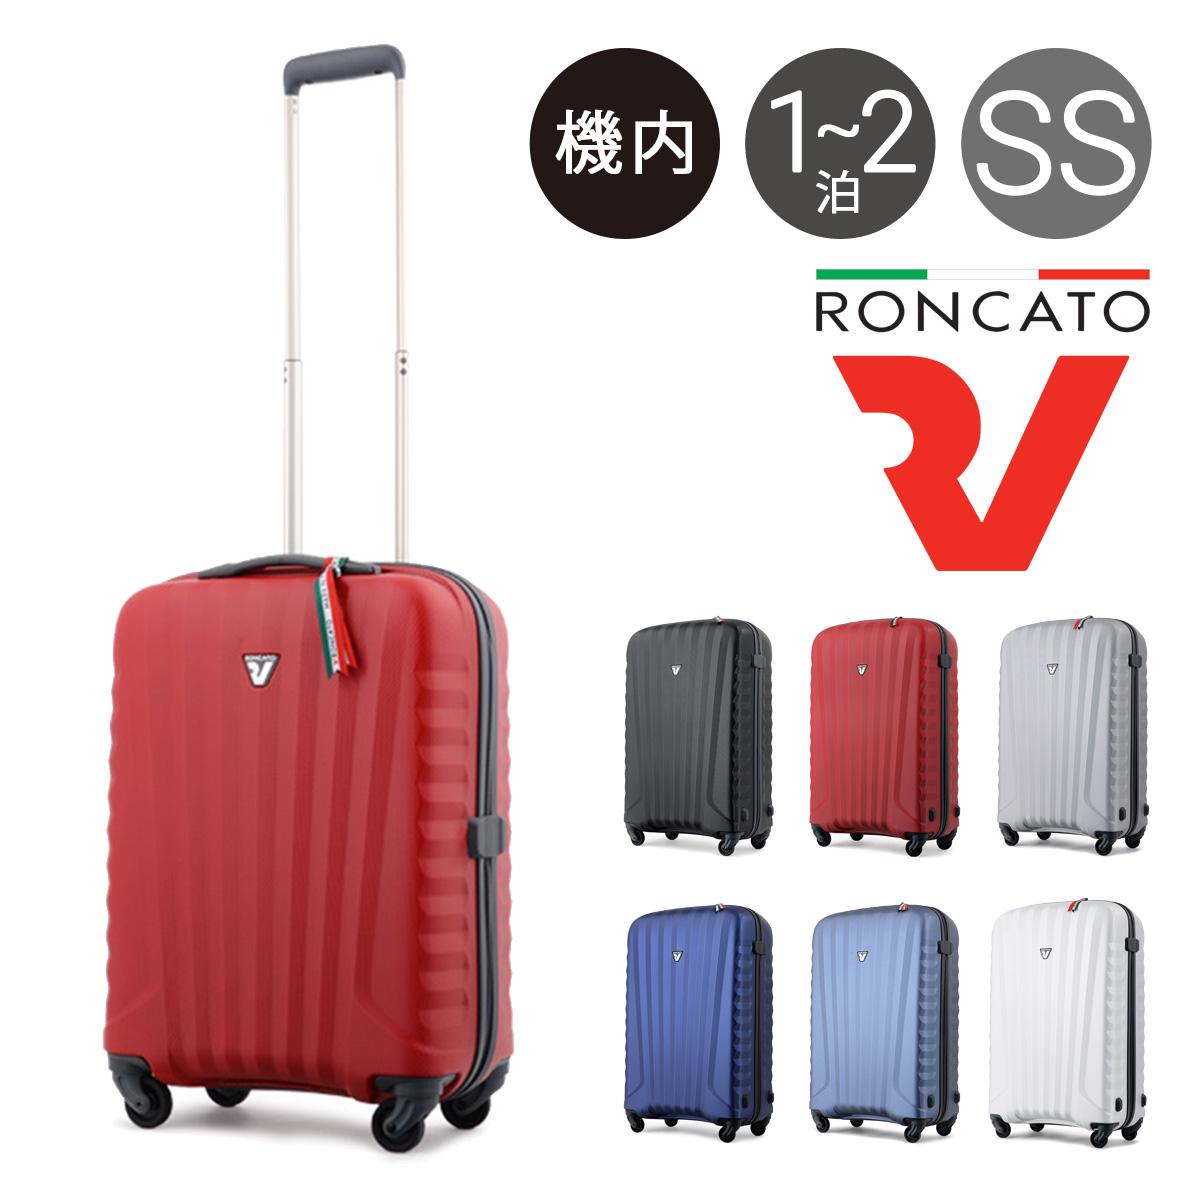 ロンカート RONCATO スーツケース 5083 UNO ZIP ZSL 51cm 【 ウノ ジッパー 10年保証 】【 1419 軽量 イタリア製 キャリーケース TSAロック搭載 機内持ち込み可 】 [PO10][bef]